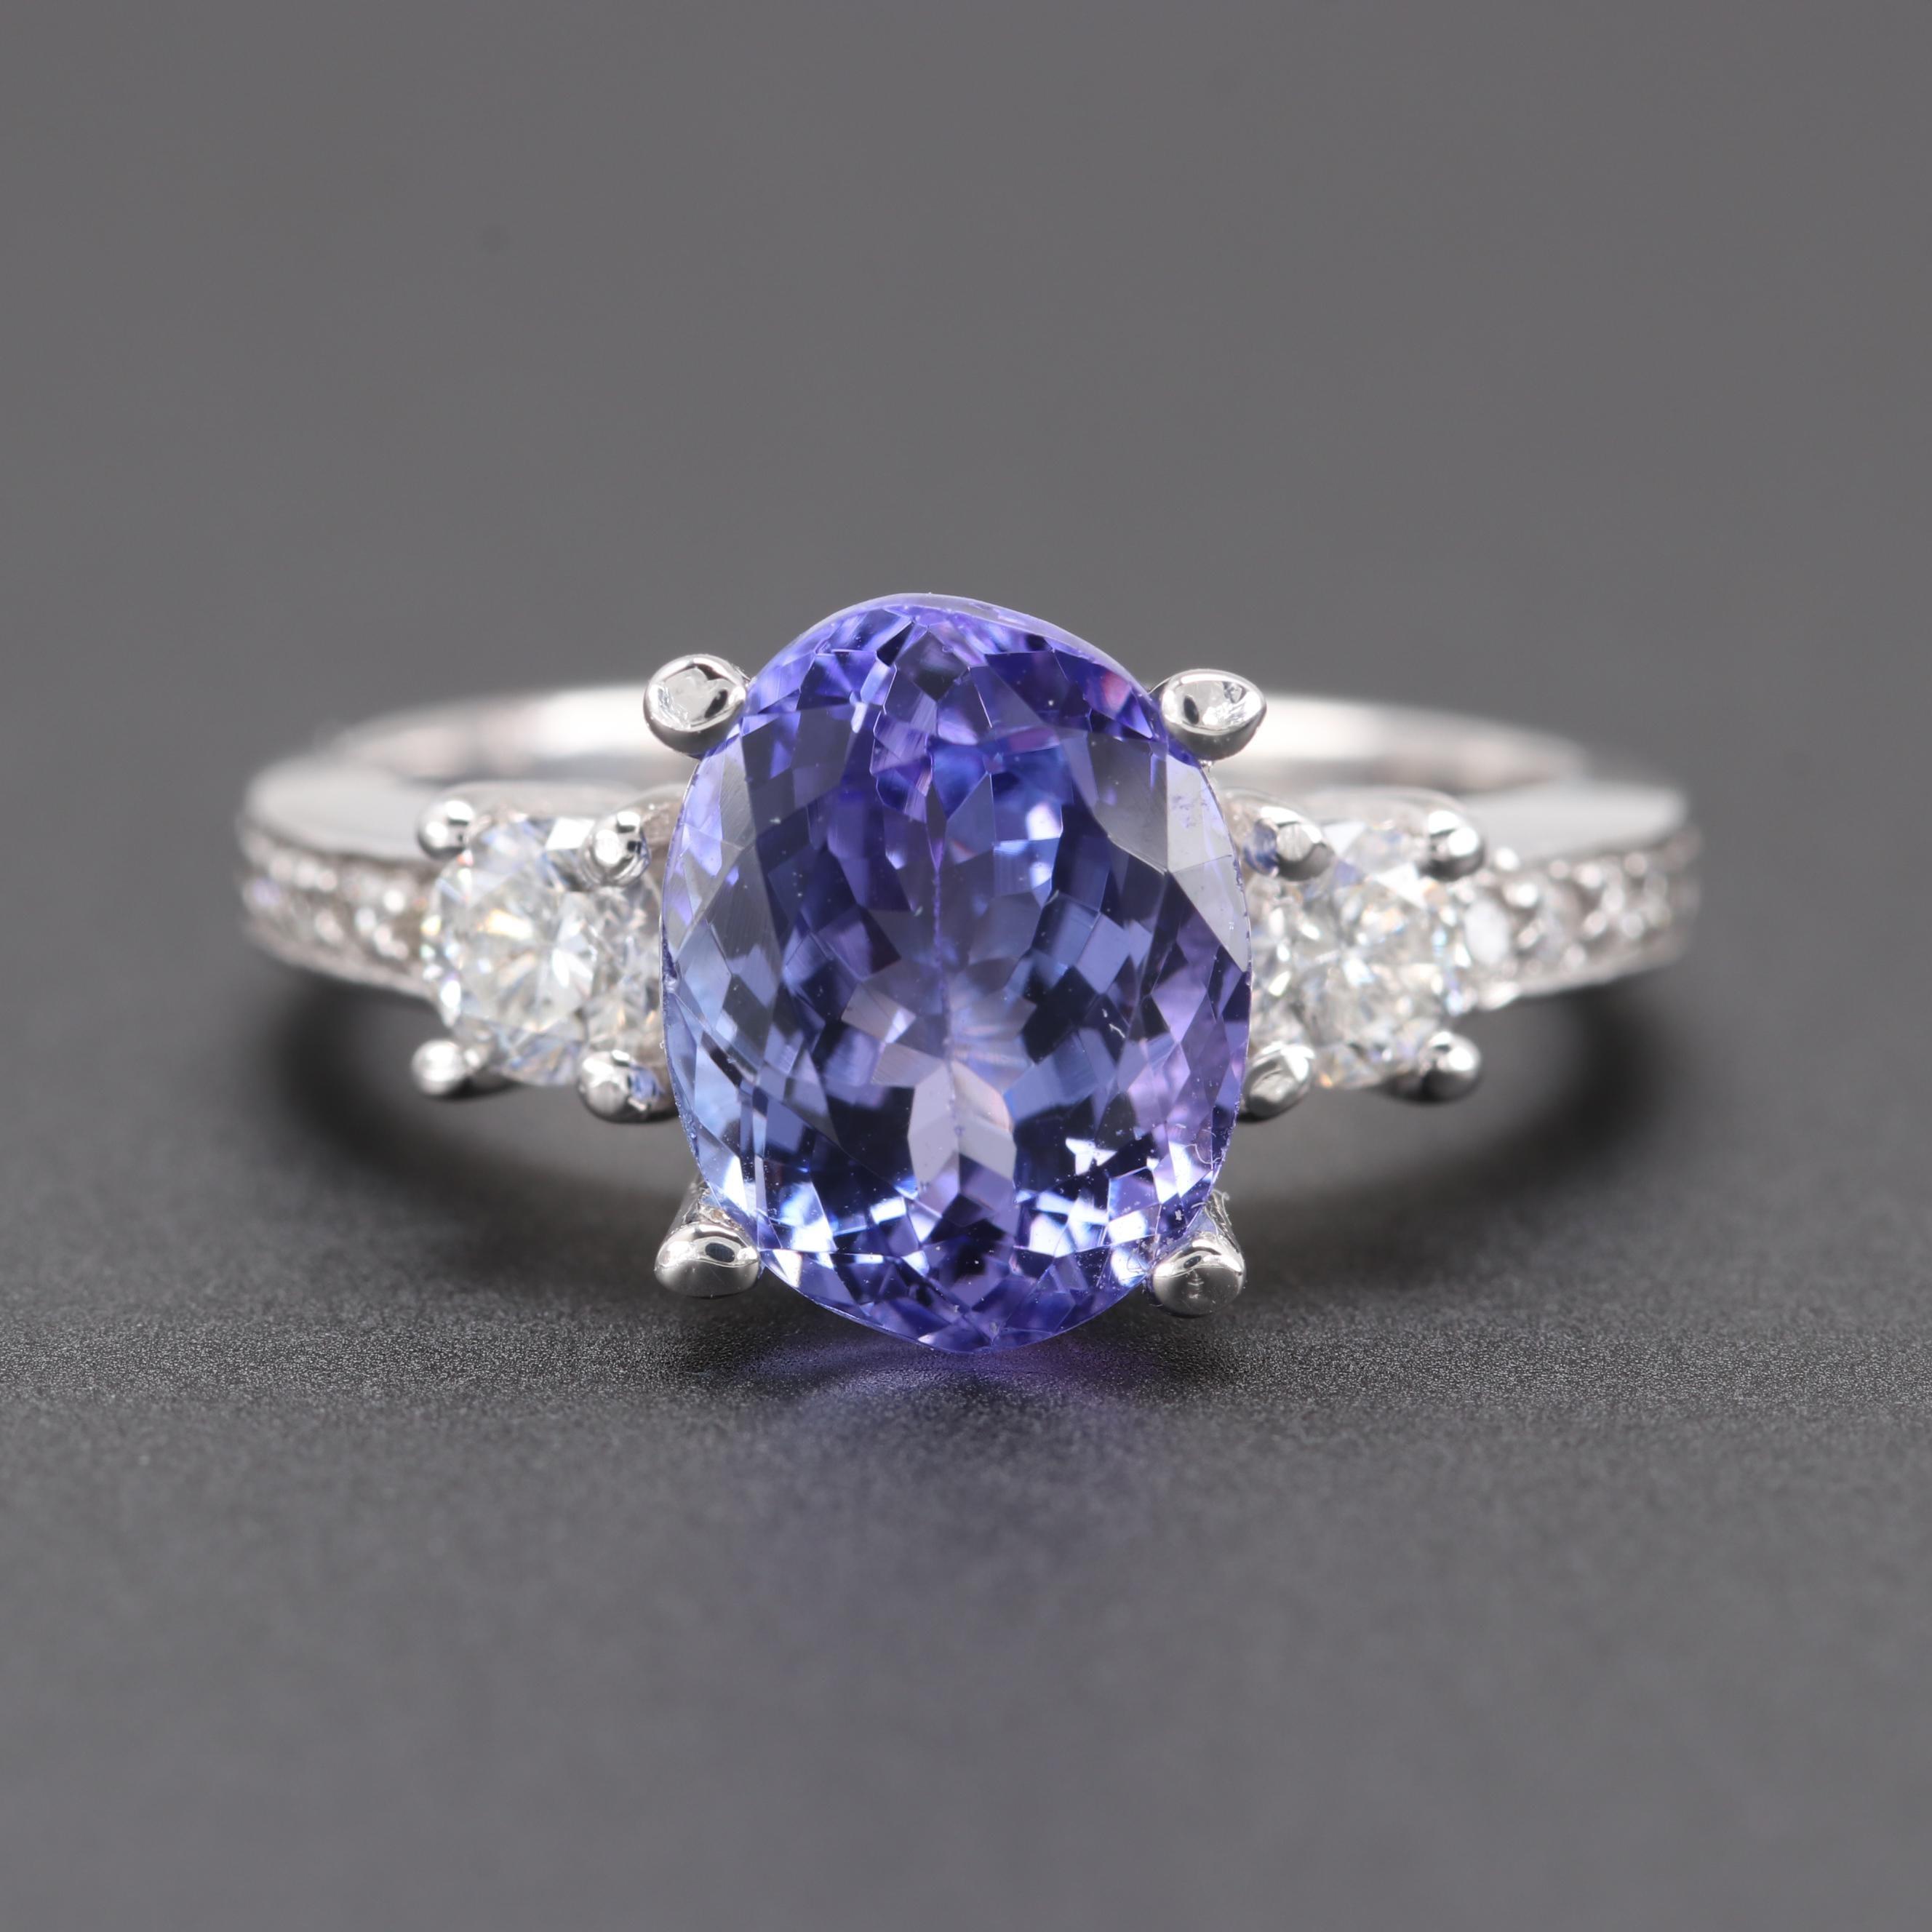 14K White Gold 3.02 CT Tanzanite and Diamond Ring